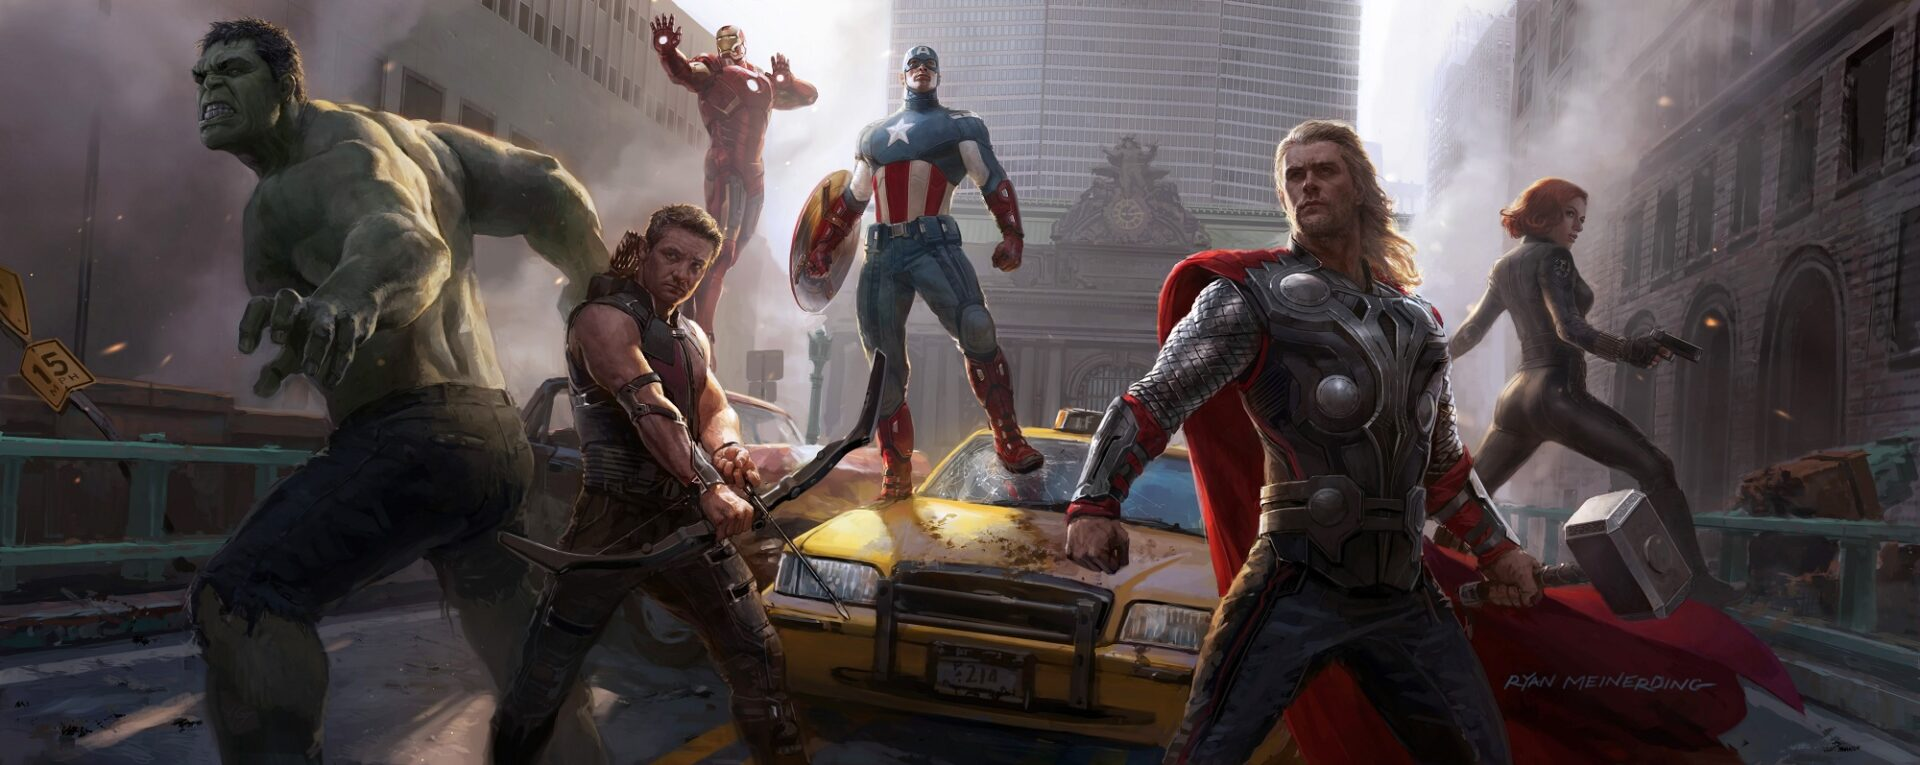 concept art marvel avengers